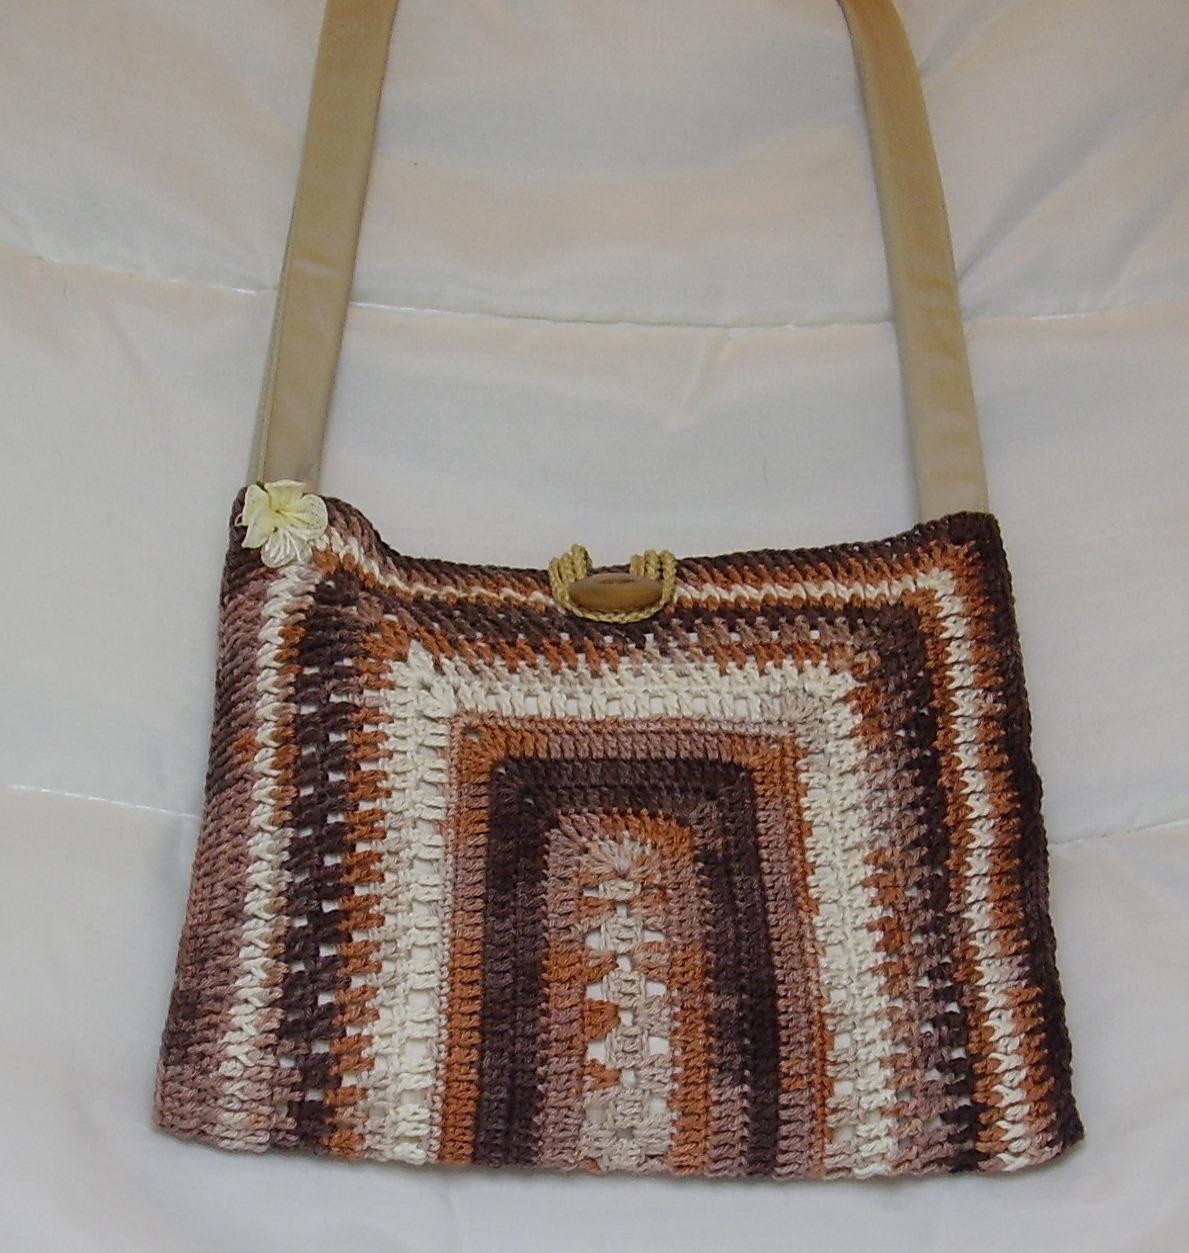 Patrones de como hacer bolsos tejidos a crochet imagui - Como hacer bolsos tejidos ...